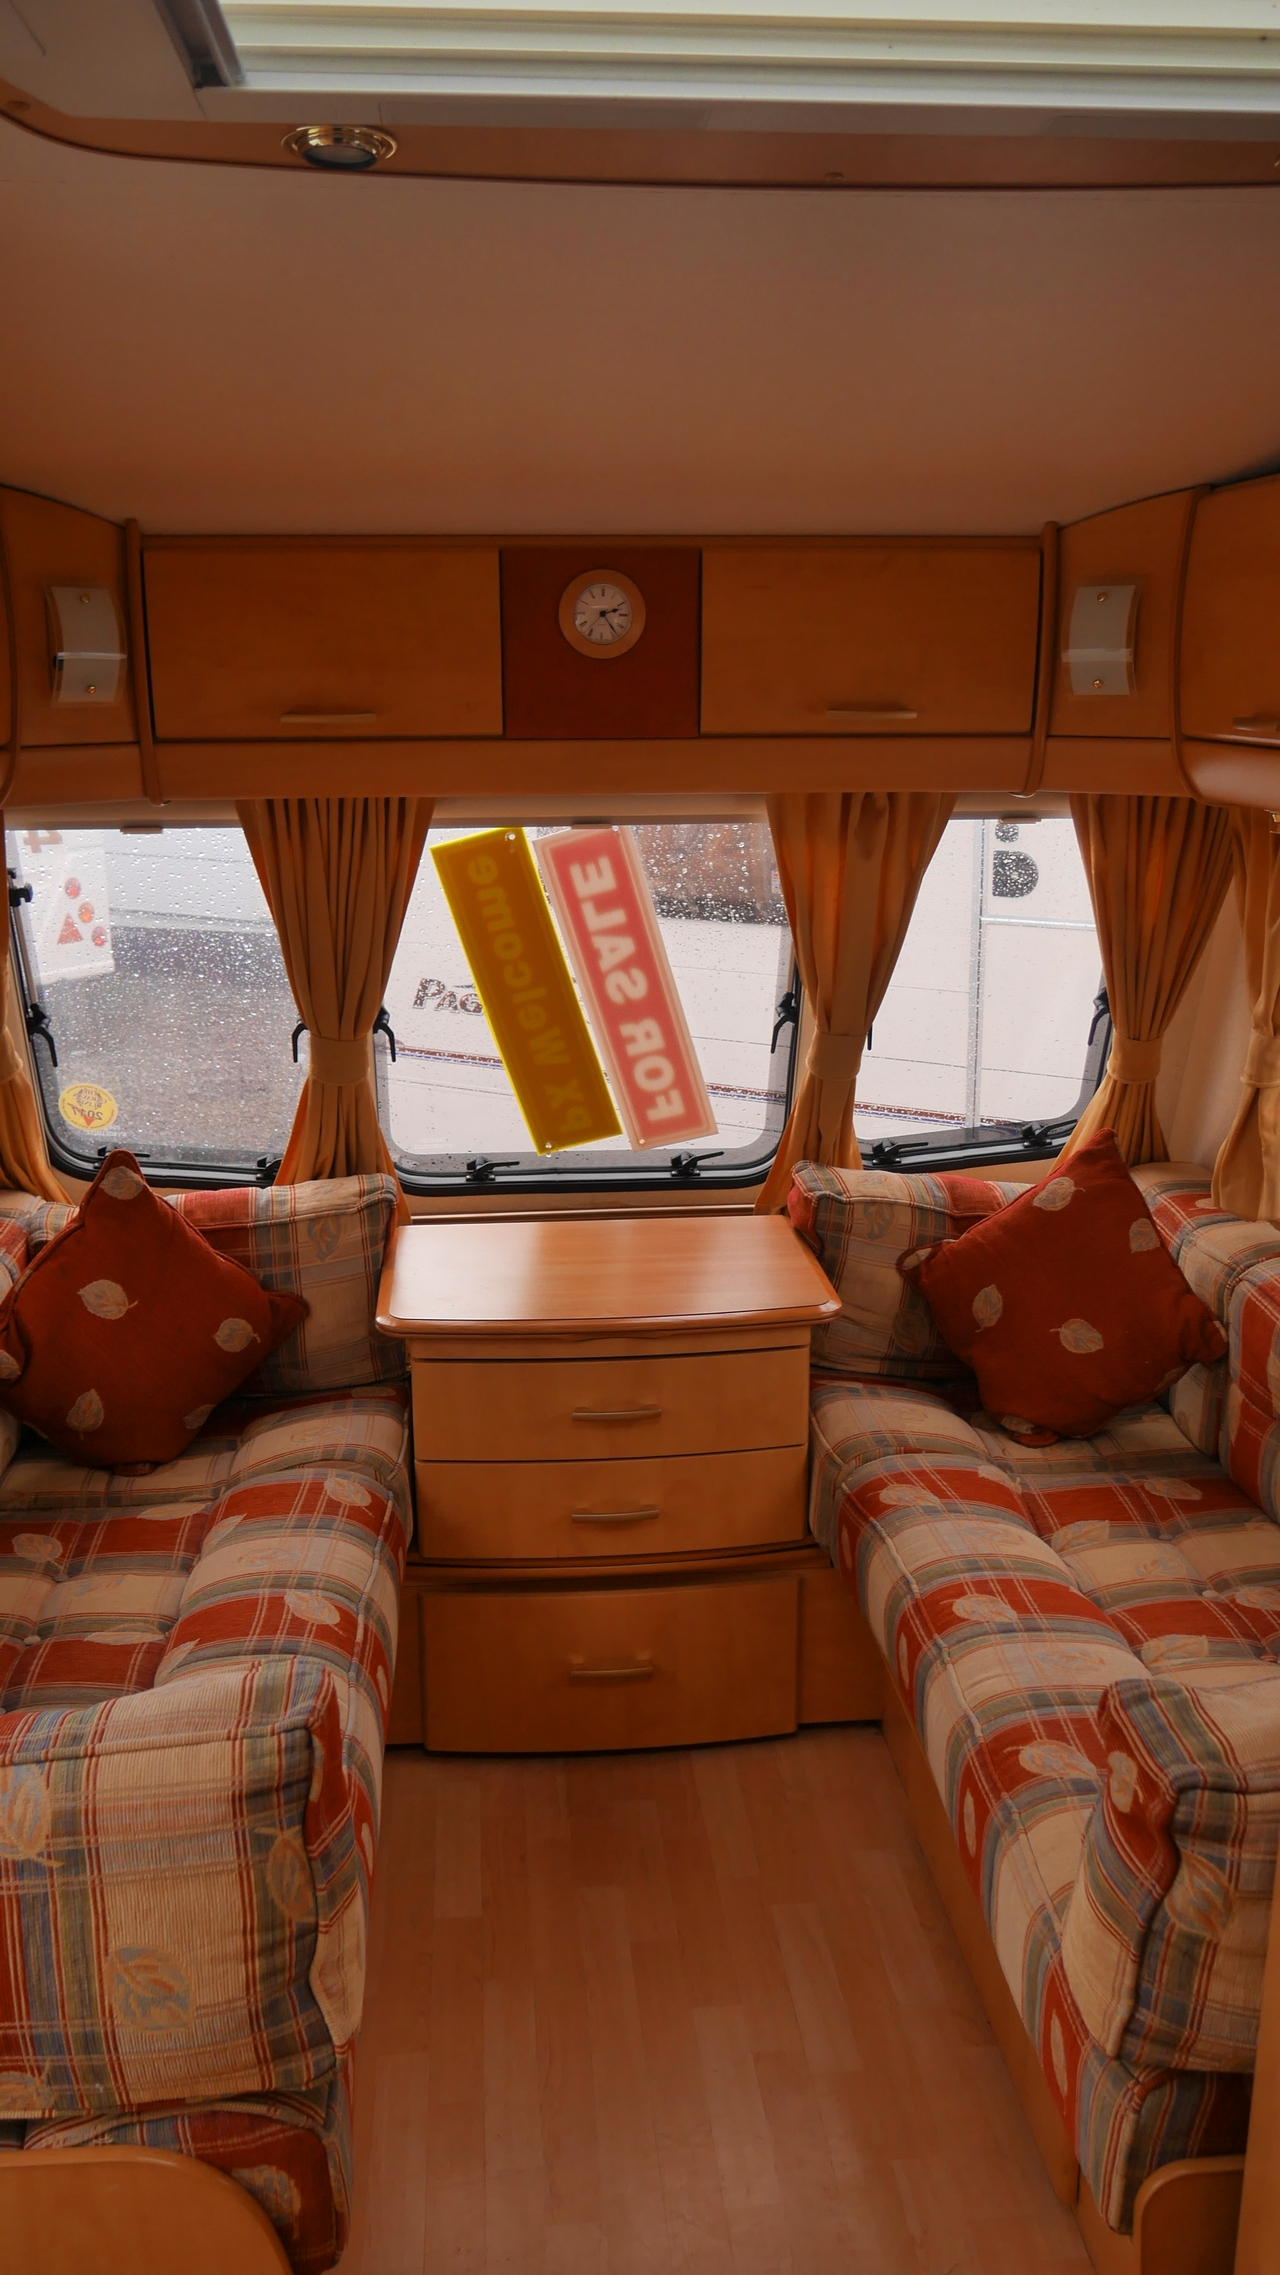 Bailey Pageant Series 5 Bordeaux Caravan - Stockton